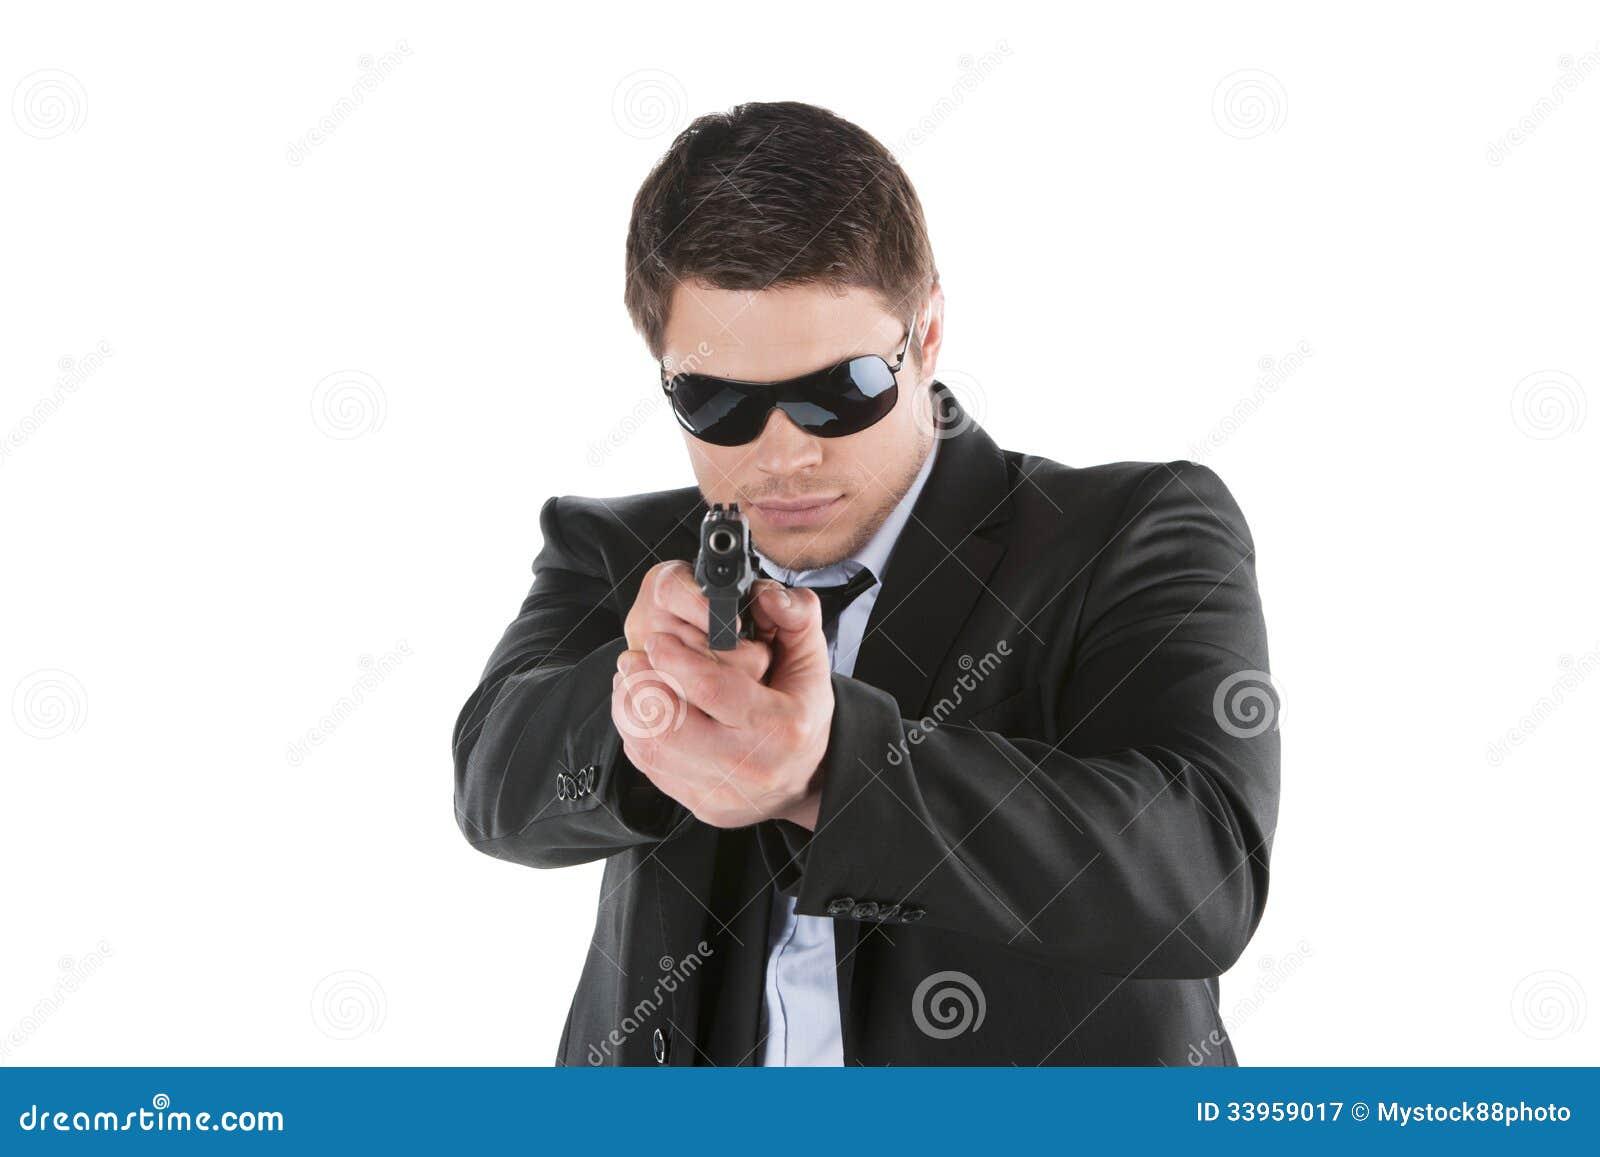 Image Result For Bodyguard Safety Gl Es